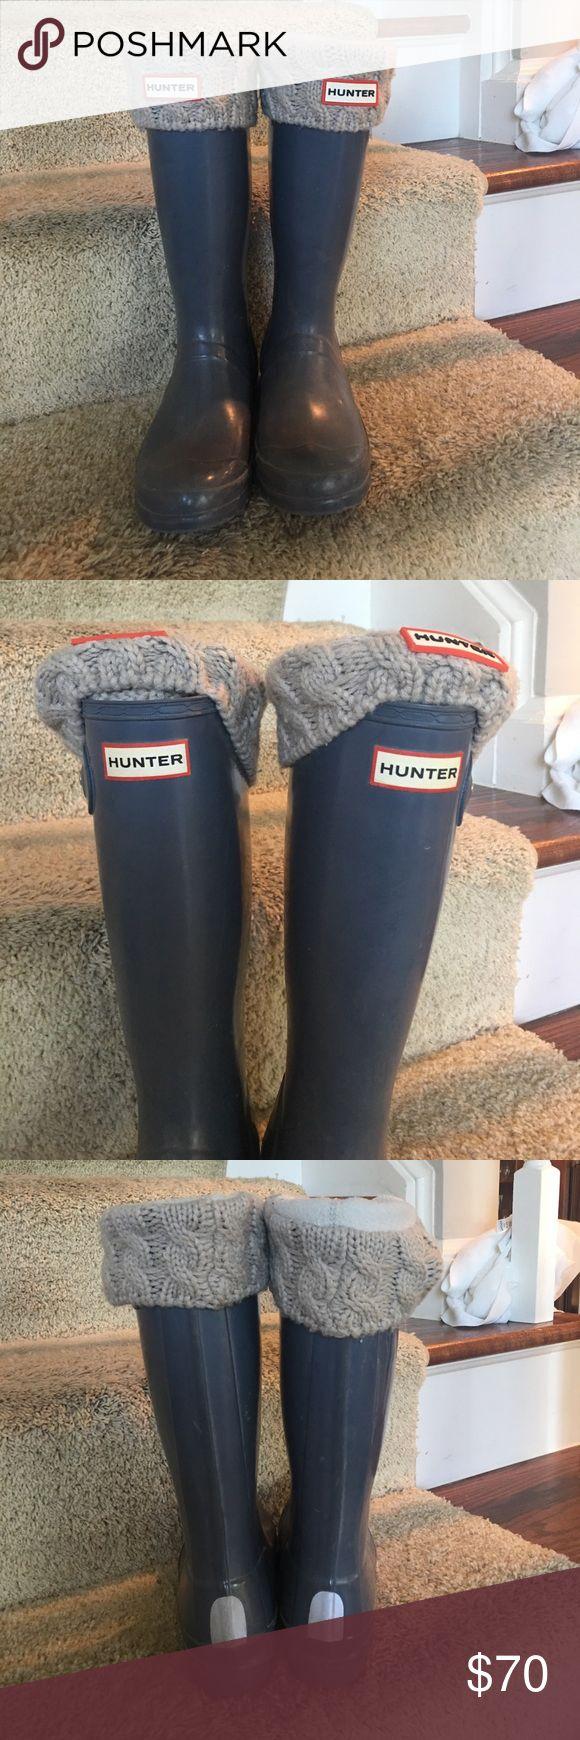 Hunter Rain Boots Kids Size 6 girl Hunter Rain Boots Kids Size 6 girl Hunter Boots Shoes Rain & Snow Boots